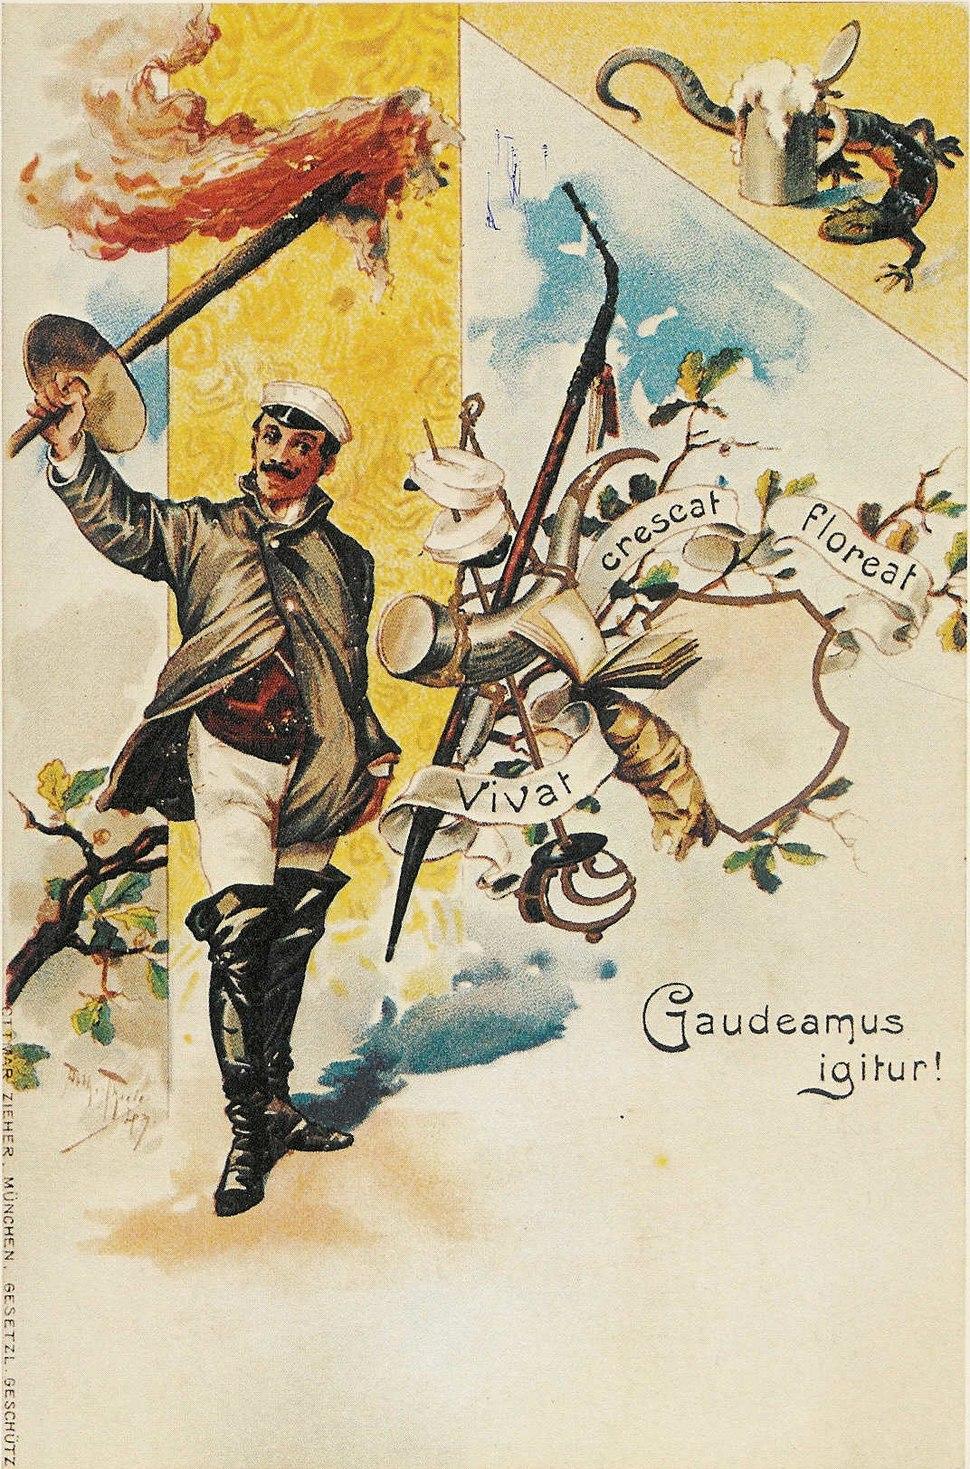 Gaudeamus igitur 1898